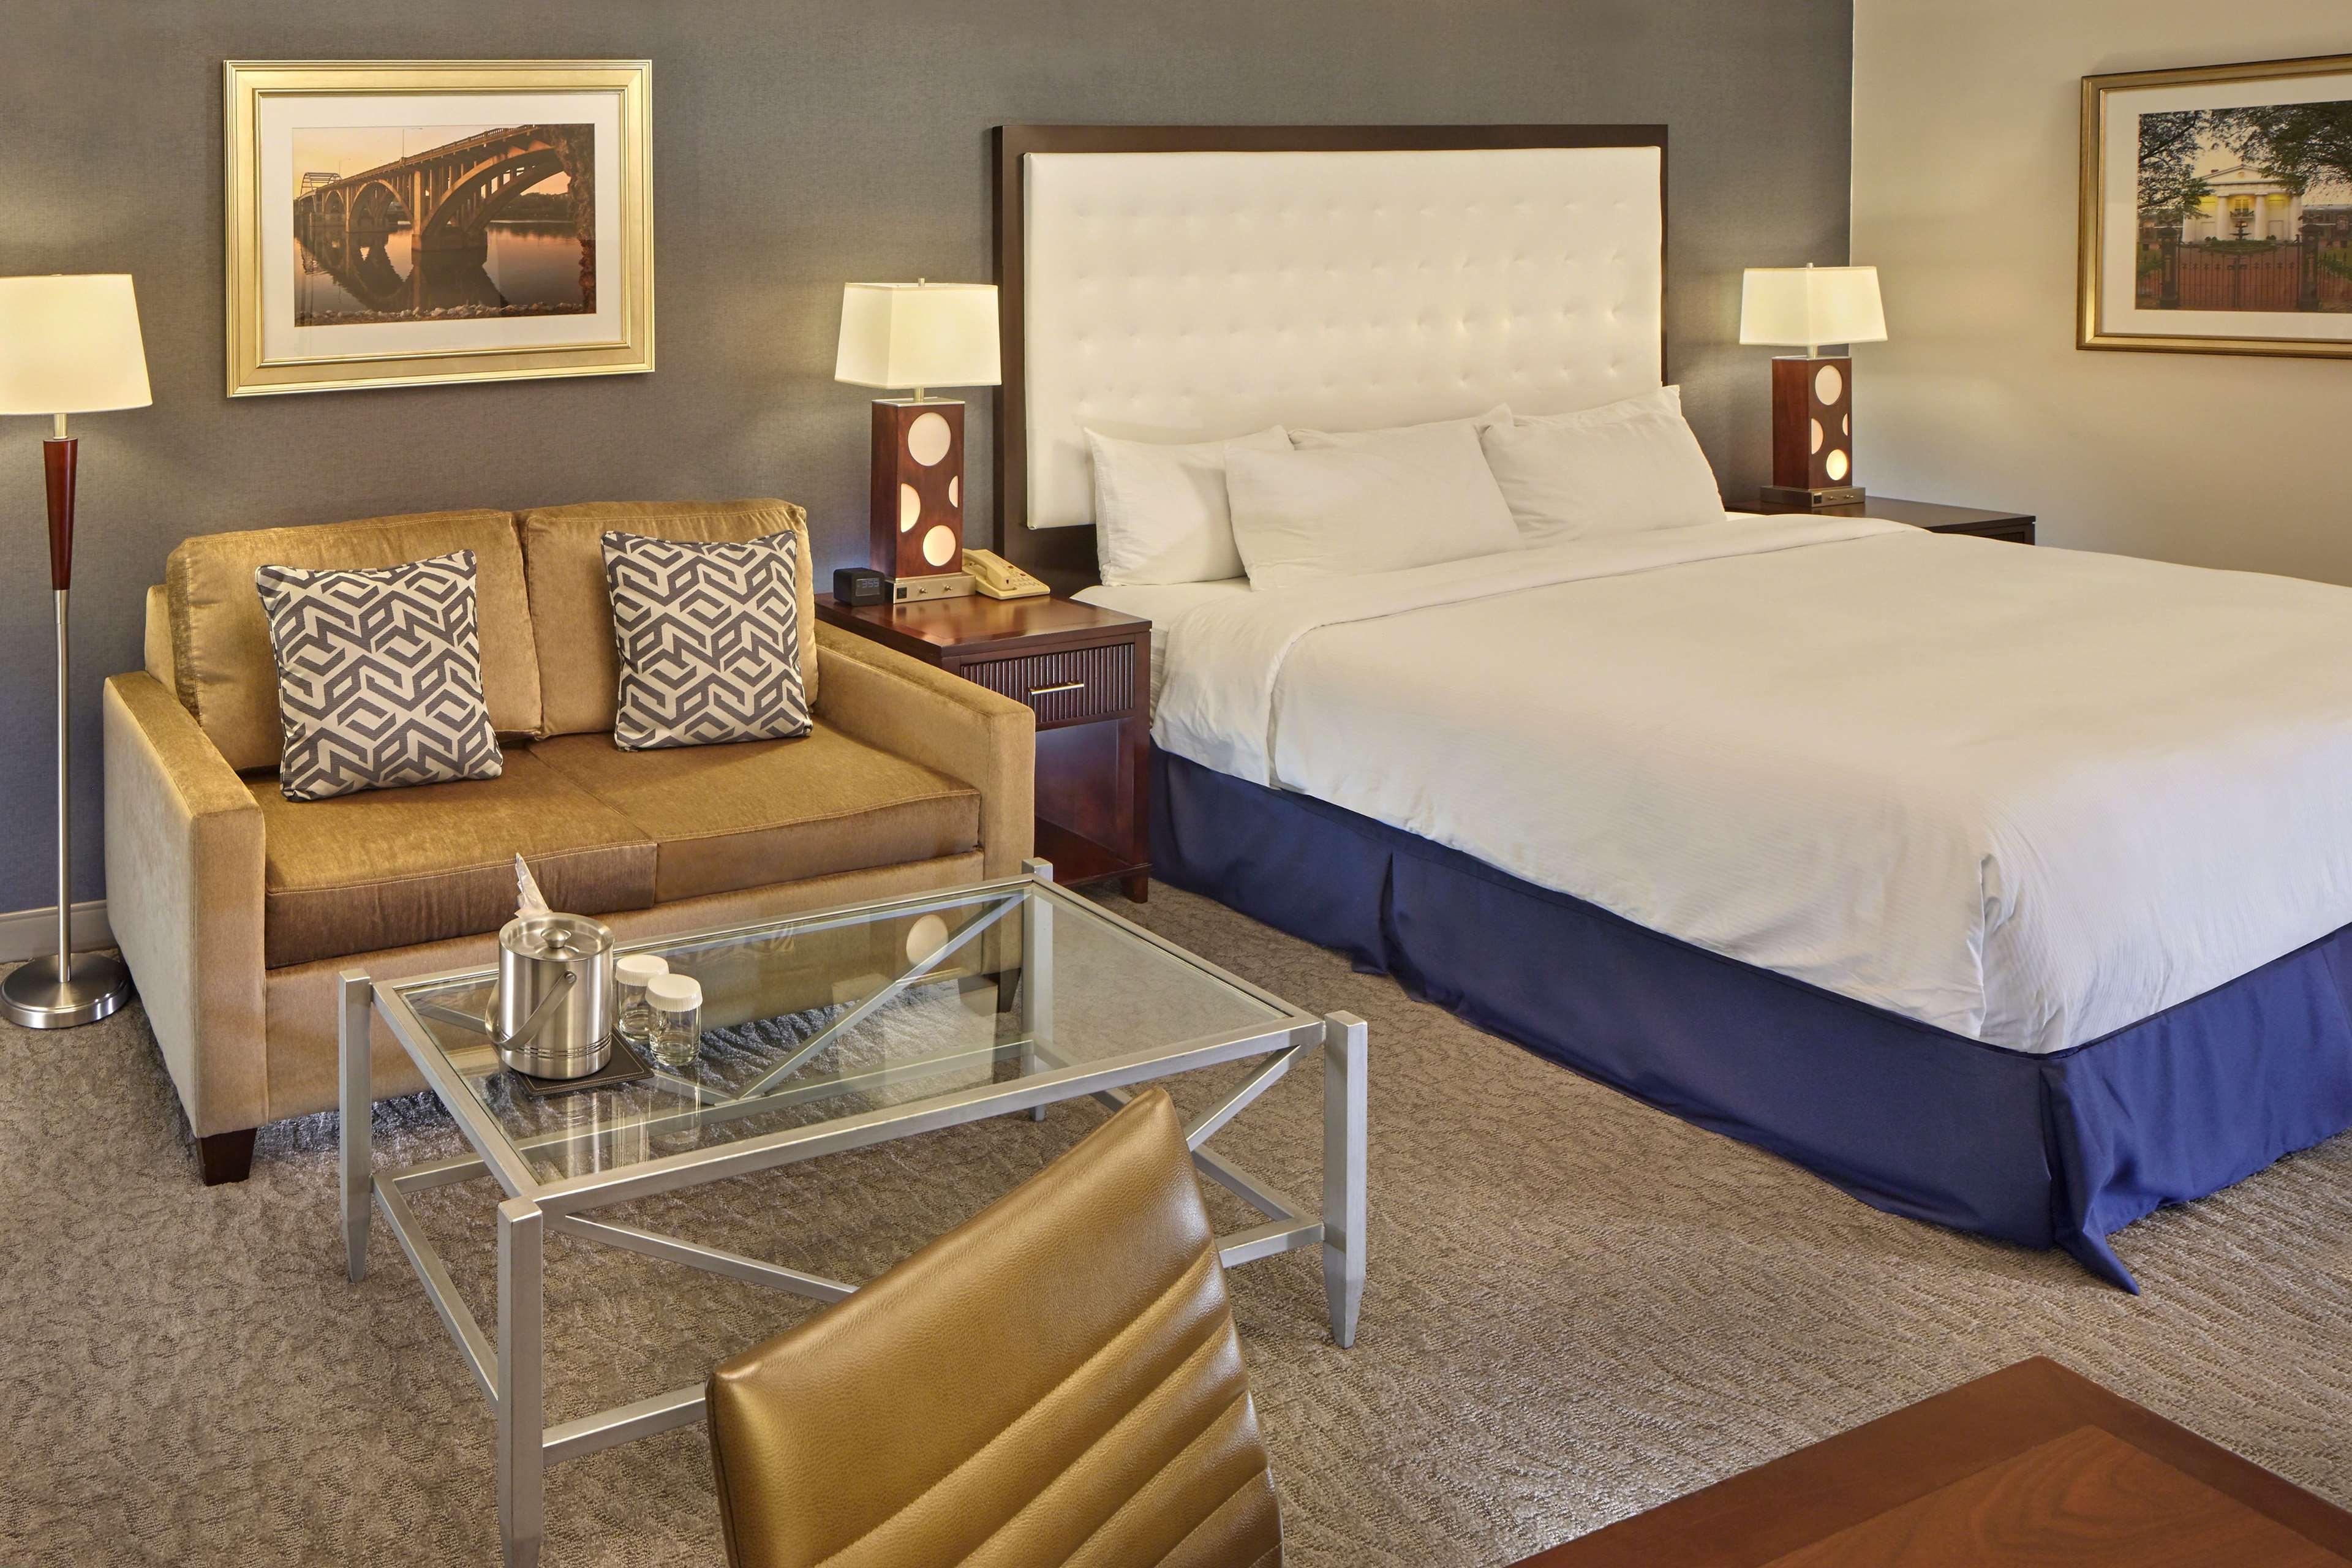 DoubleTree by Hilton Hotel Little Rock image 28